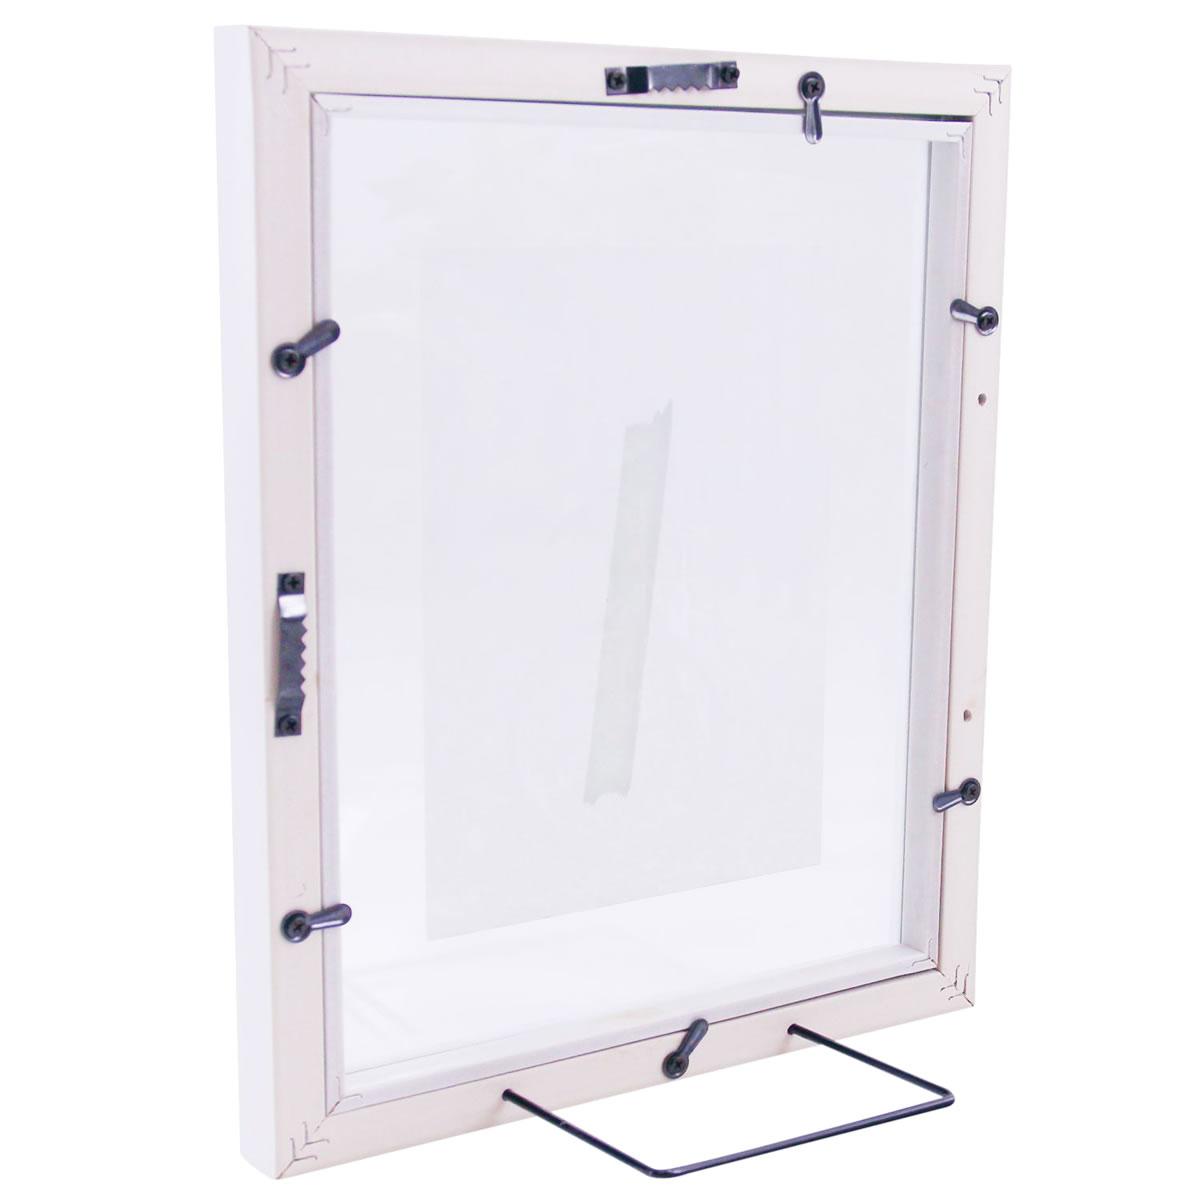 Neu art decor Bilderrahmen aus Glas/Holz, Fotorahmen, Portraitrahmen  IB85